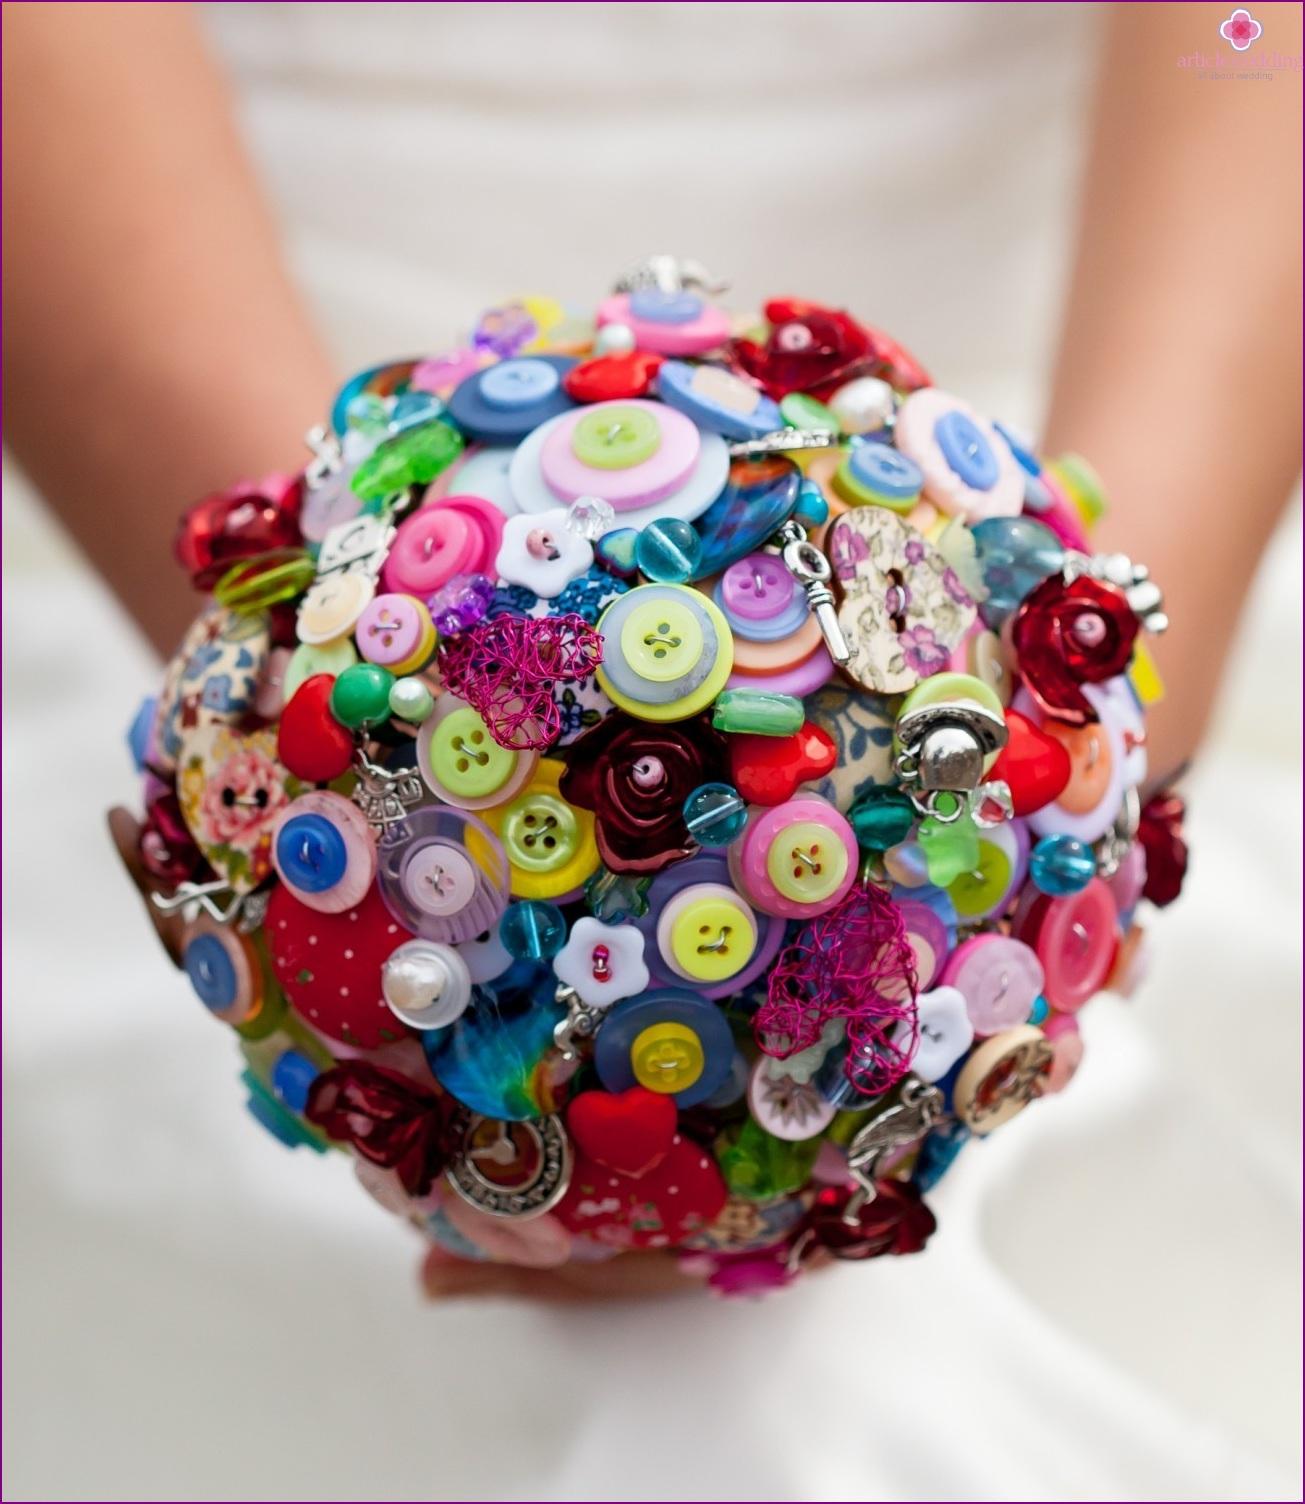 Bridal bouquet in Wonderland style